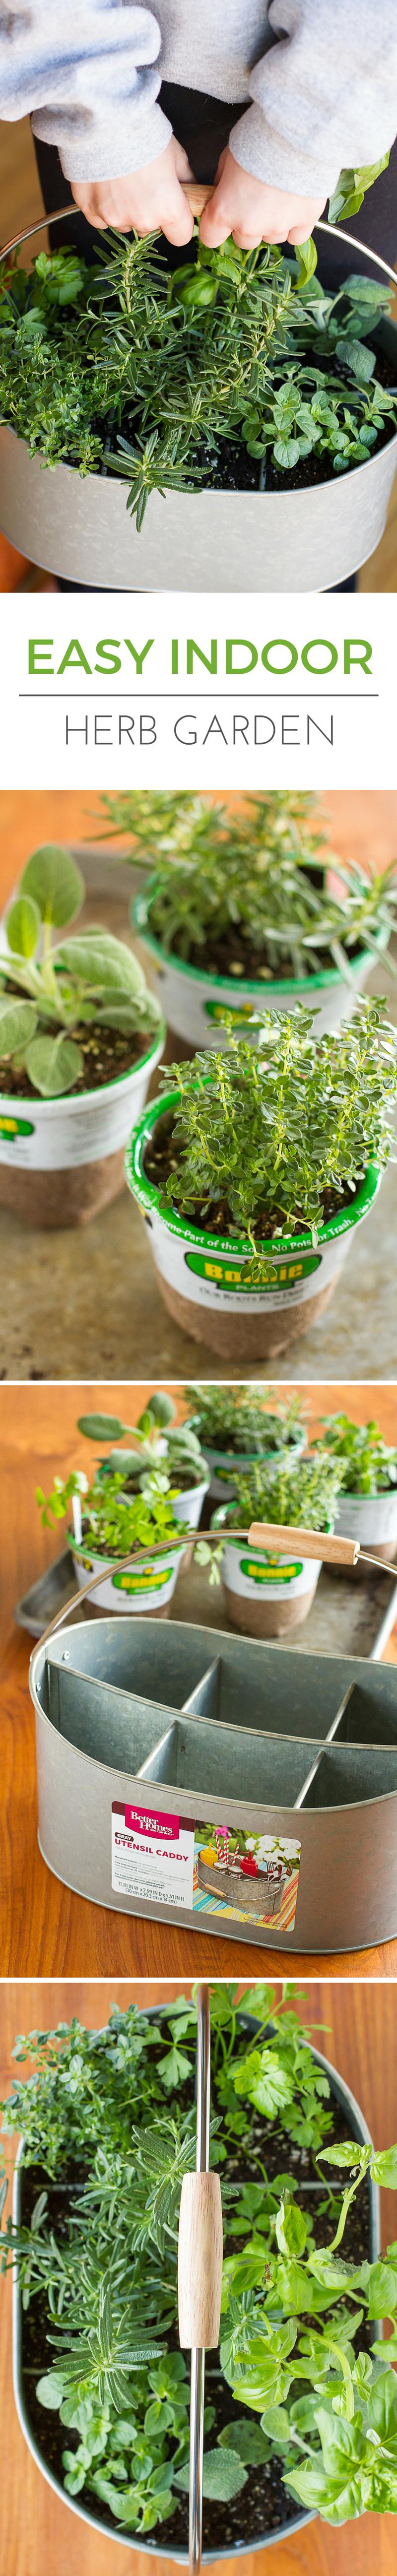 Easy Indoor Herb Garden I Was An Indoor Container 640 x 480